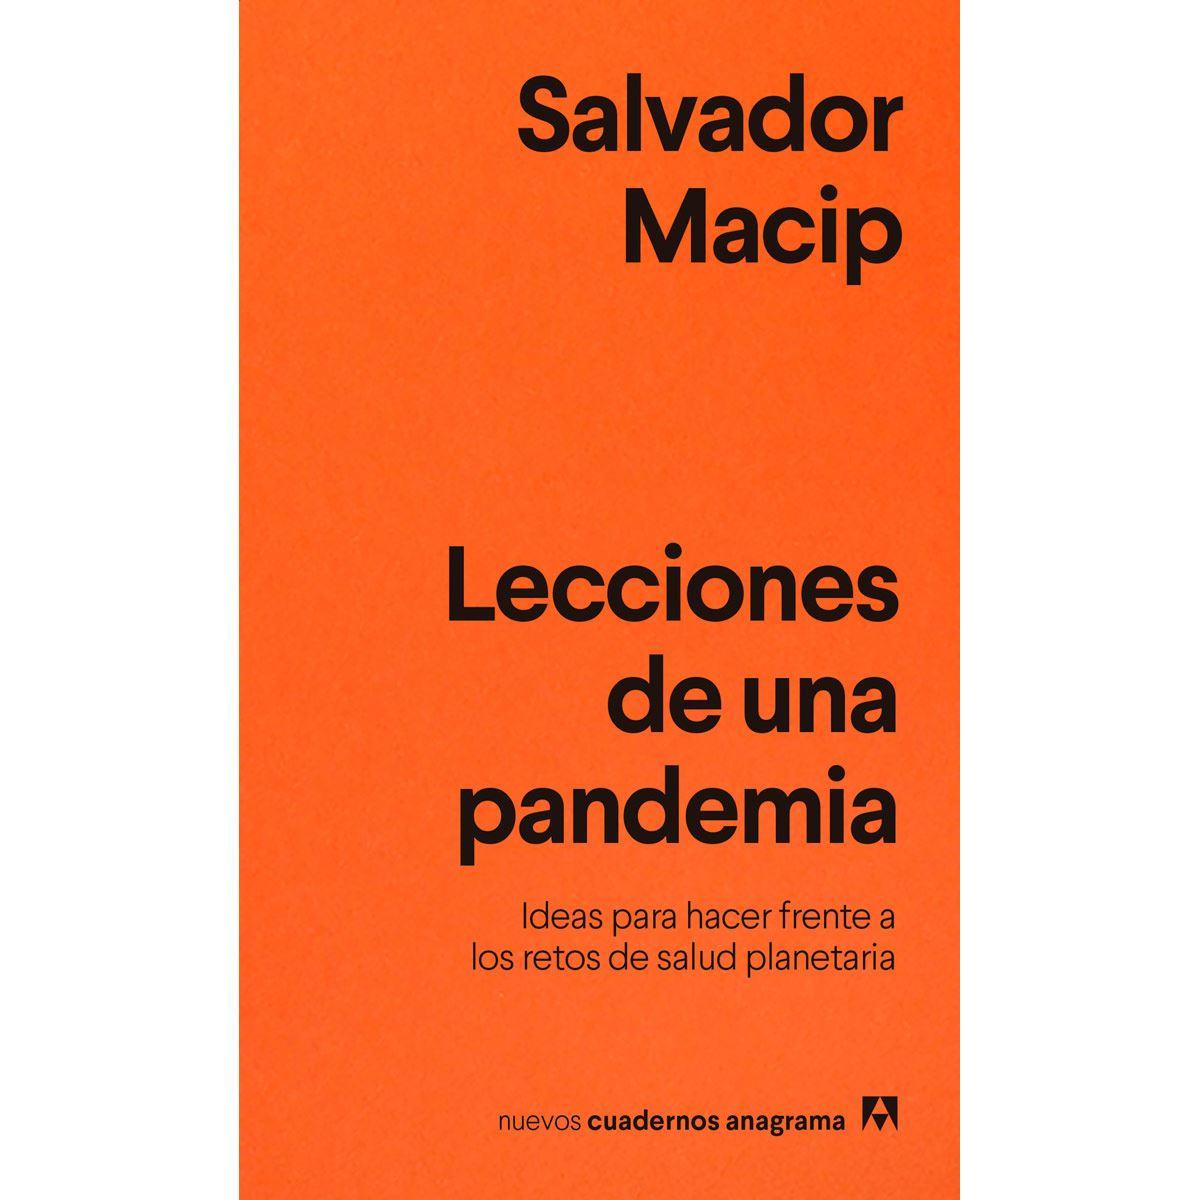 Lecciones de una pandemia. Ideas para enfrentarse a los retos de salud planetaria